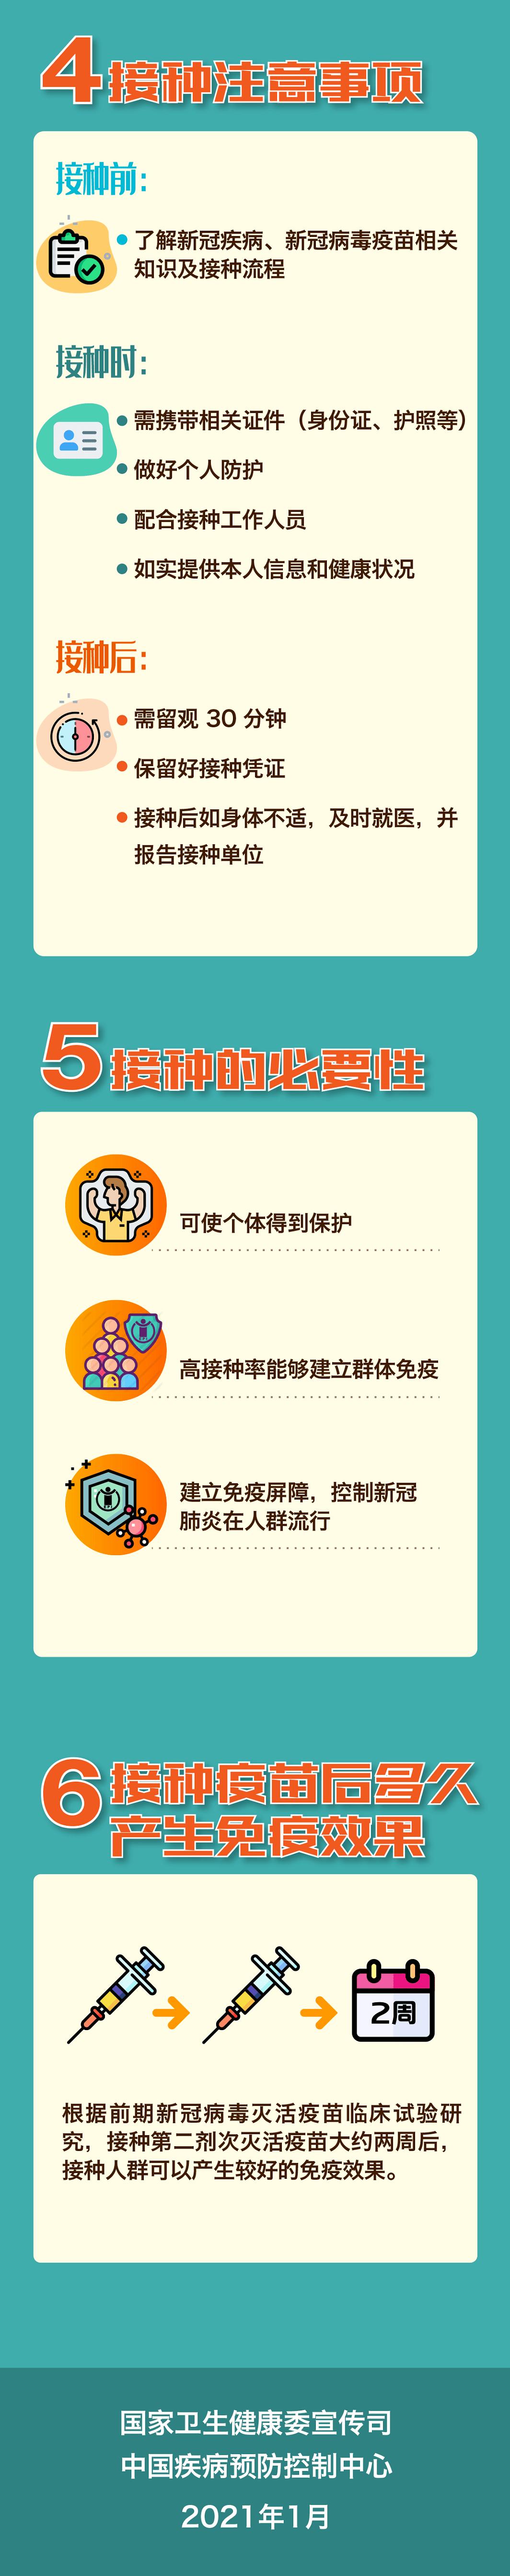 接种新冠疫苗 中国疾控中心重要提示(一)